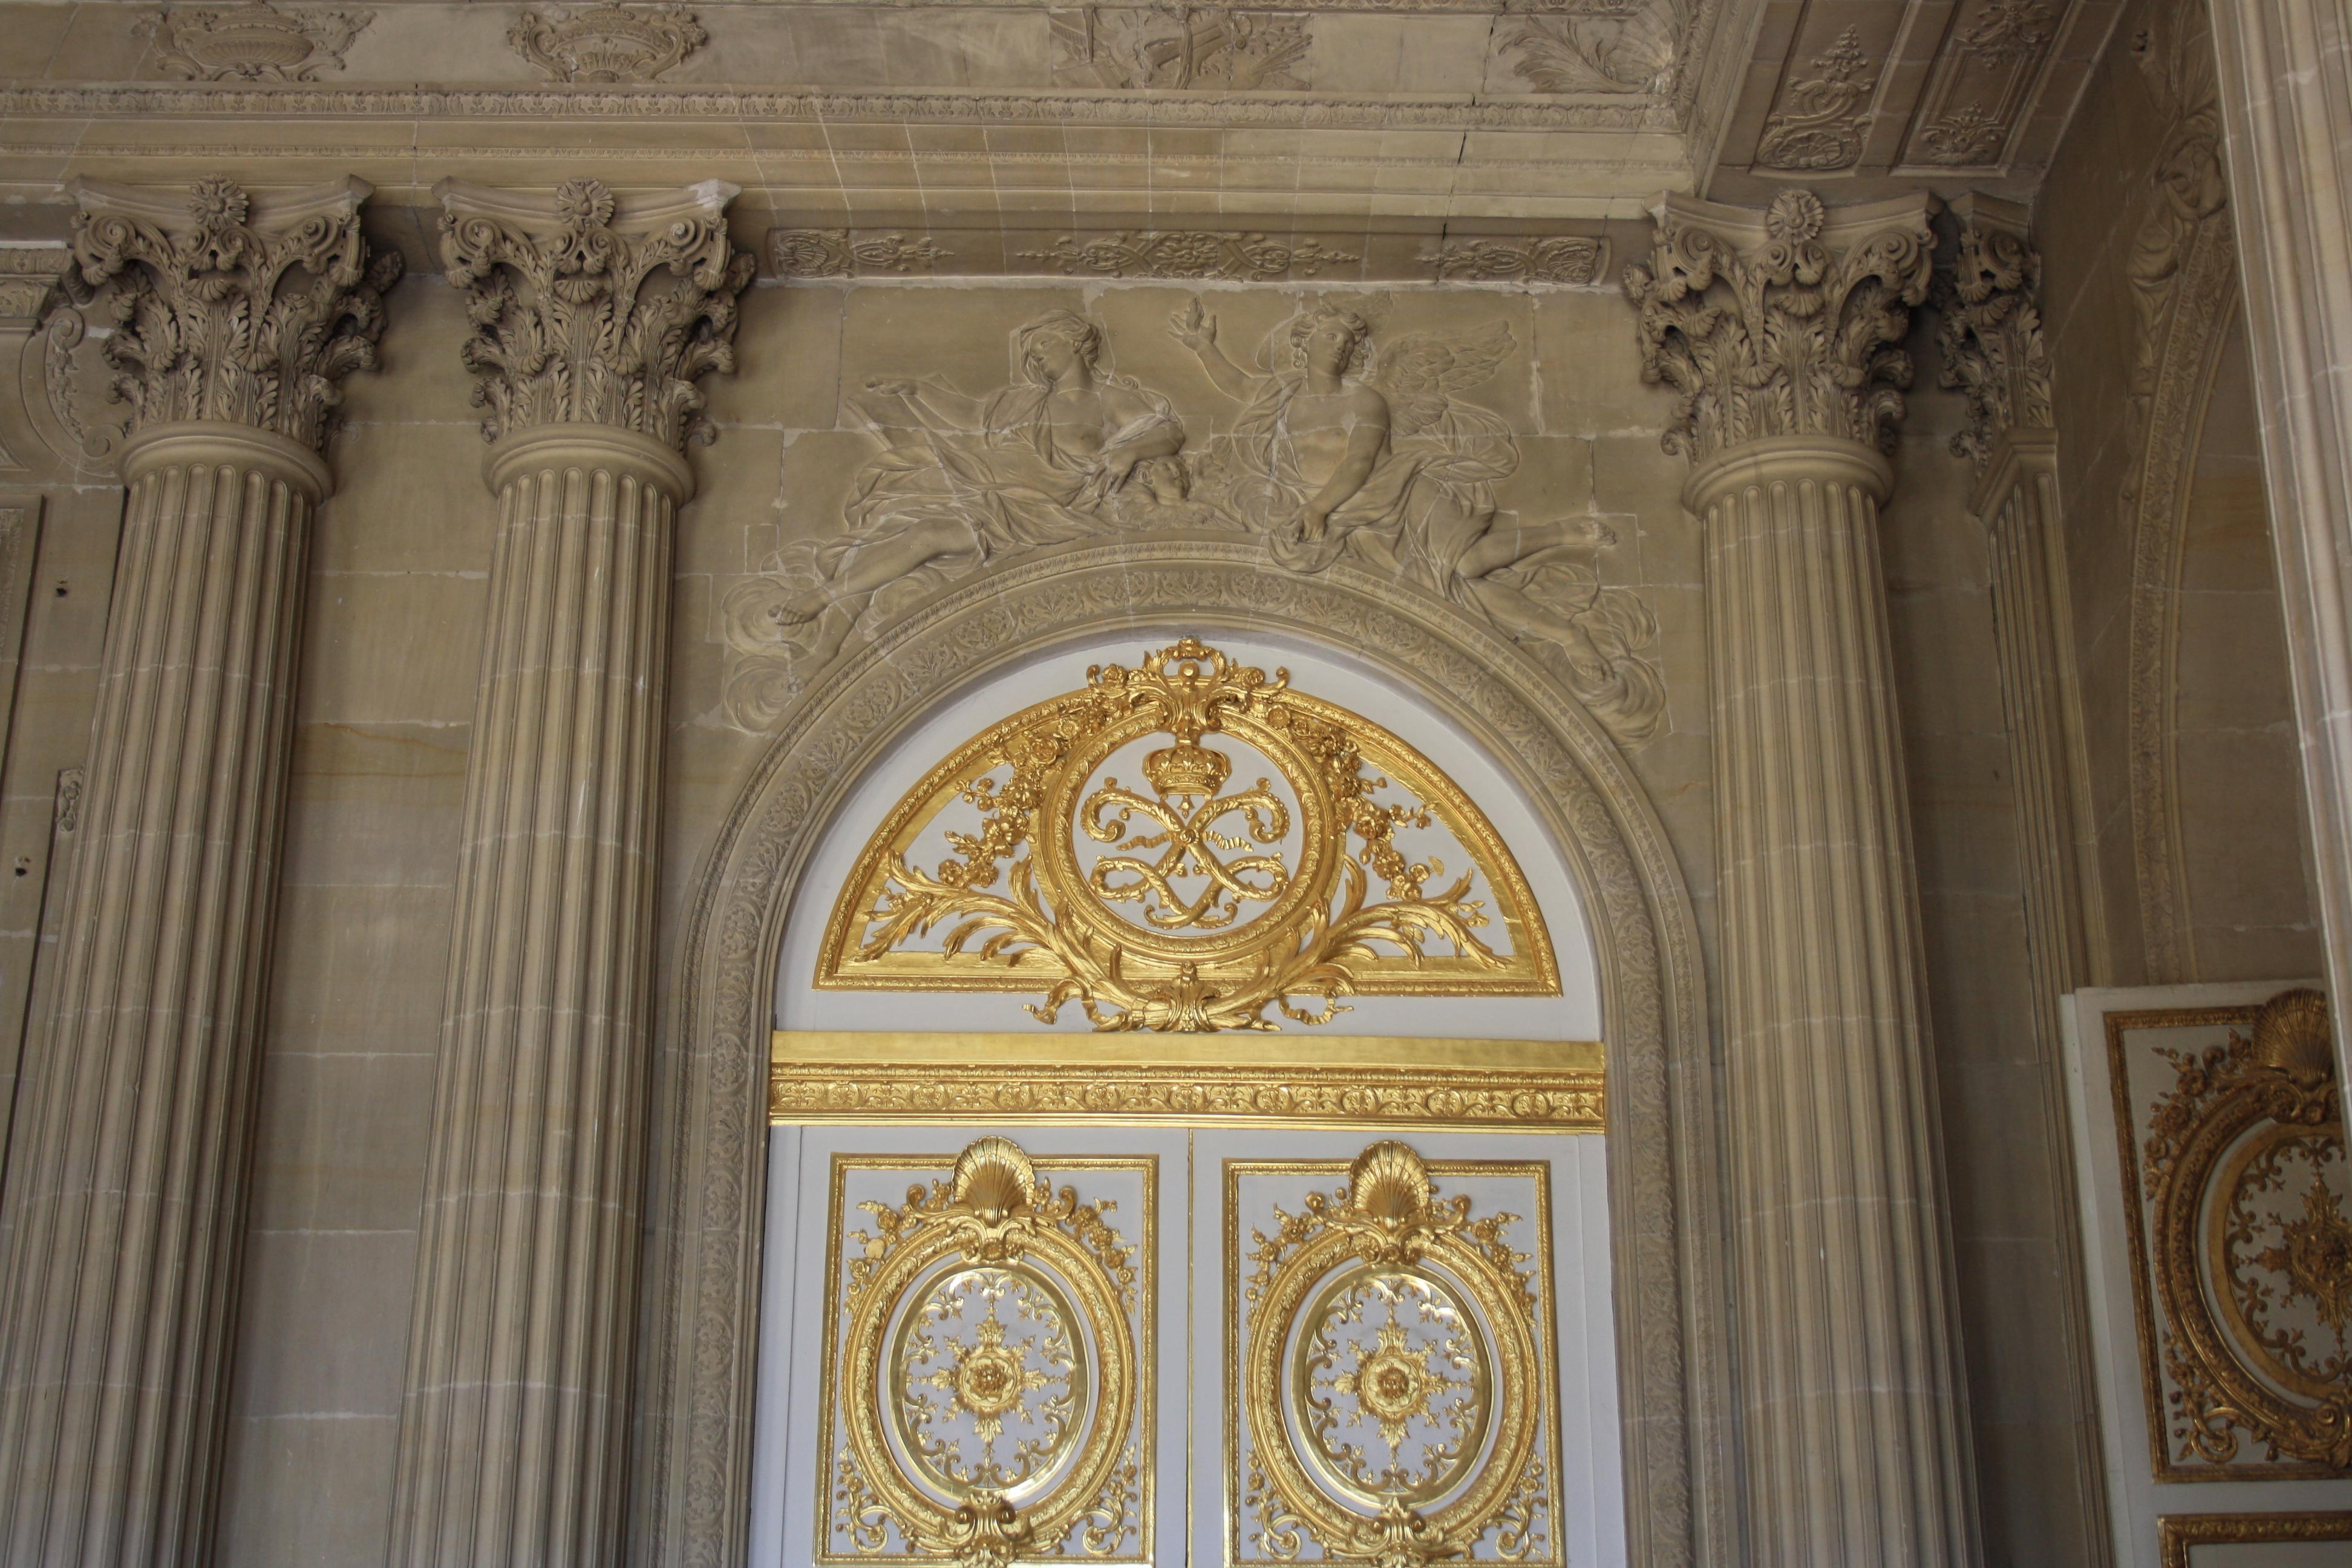 FileChateau de Versailles Vestibule Haut 12.jpg & File:Chateau de Versailles Vestibule Haut 12.jpg - Wikimedia Commons